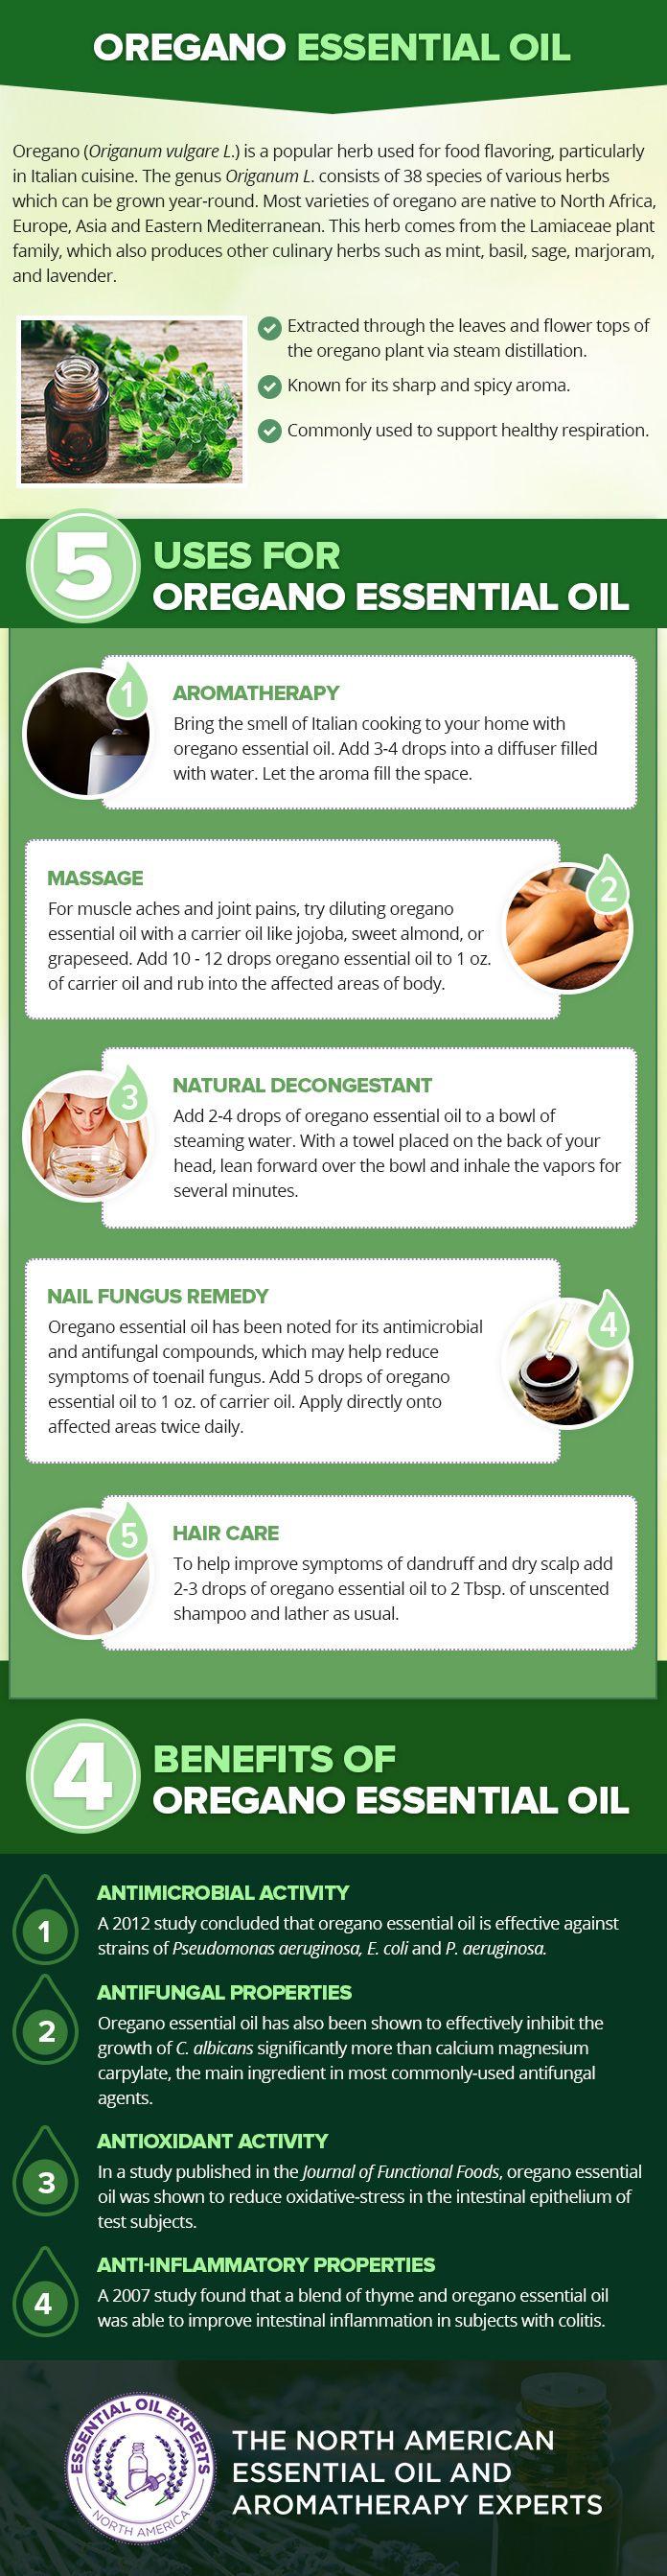 Oregano Essential Oil Uses & Benefits